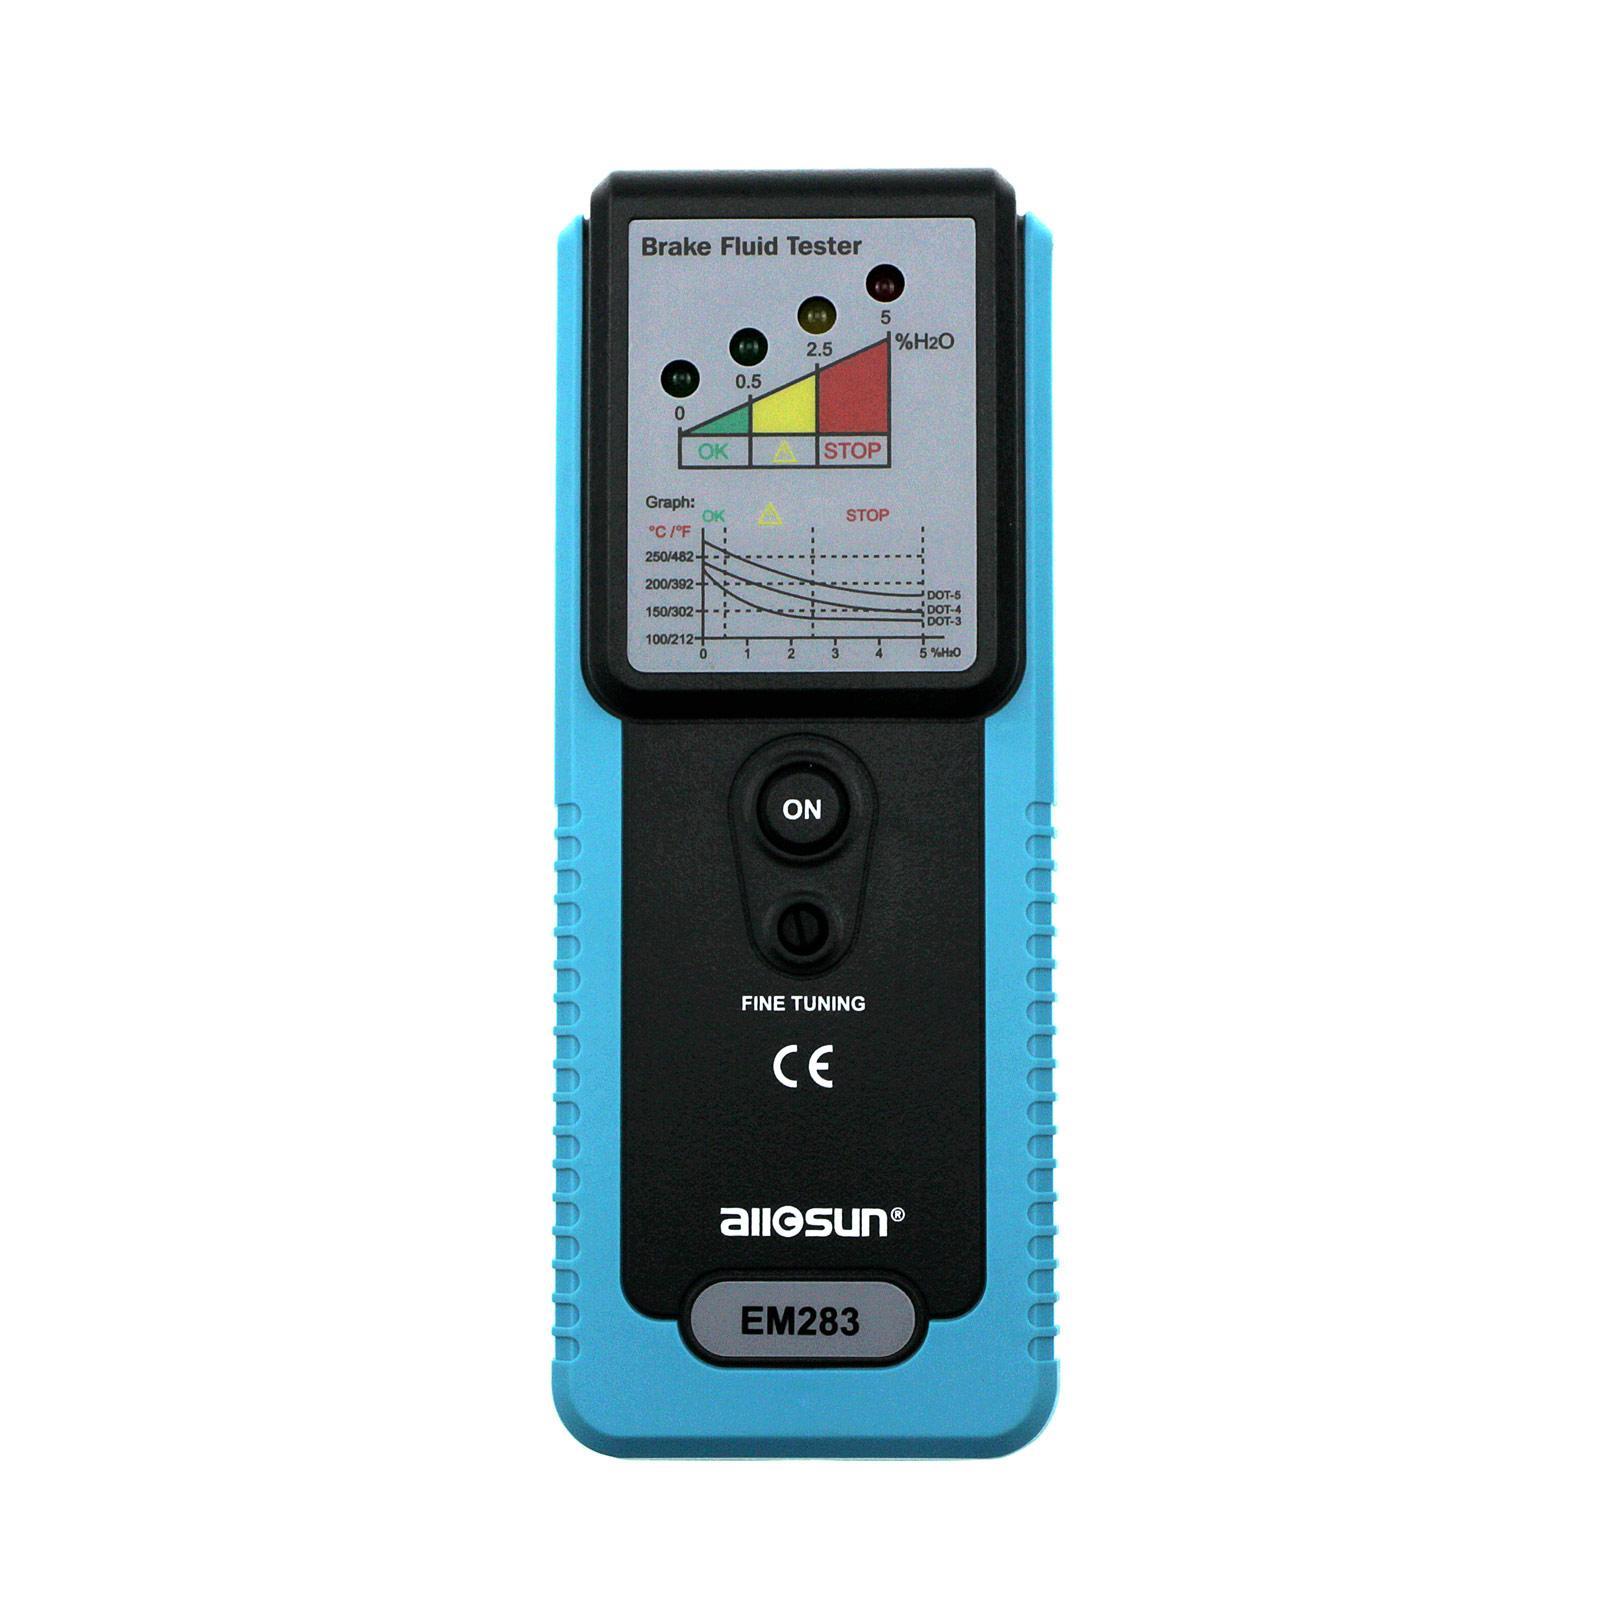 자동 브레이크 유체 시험기 LED 부저 품질 진단 도구 180 ° 주름 자동차 브레이크 오일 진단 감지기 모든-일 EM283